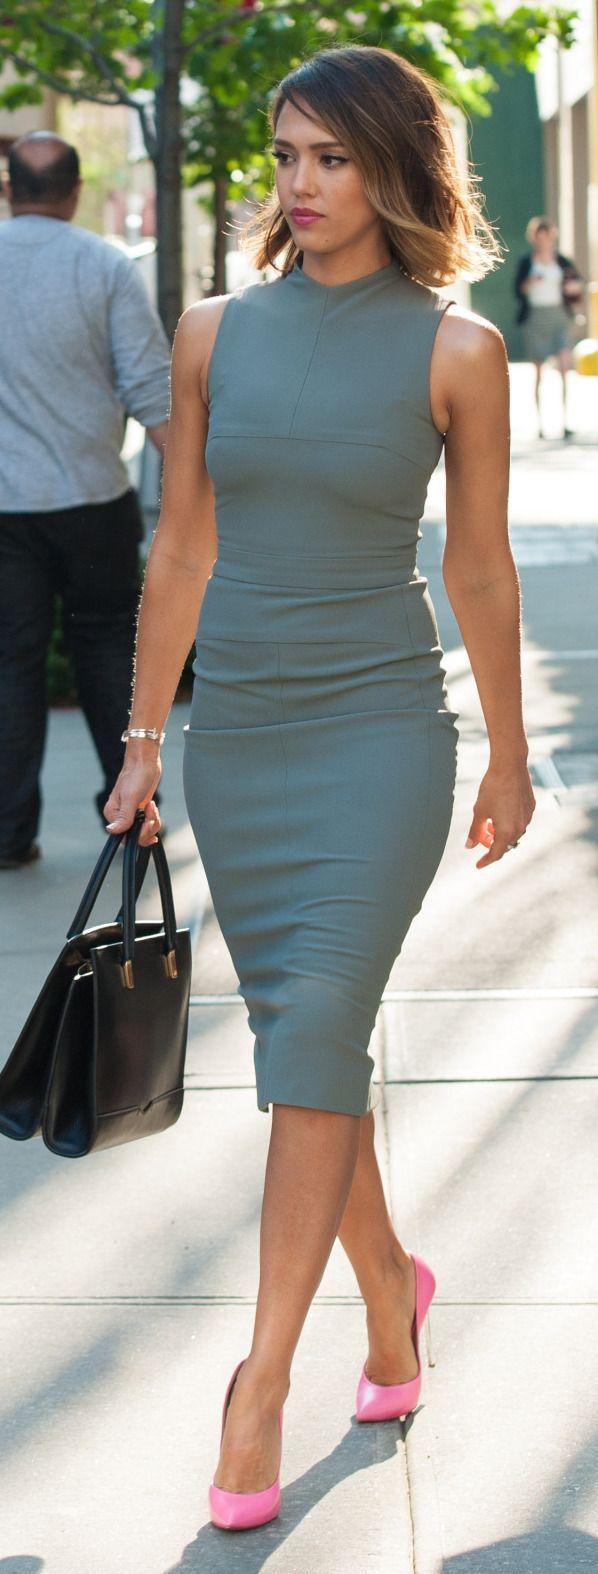 Flattering blue grey dress, ombre bob and pink pumps.